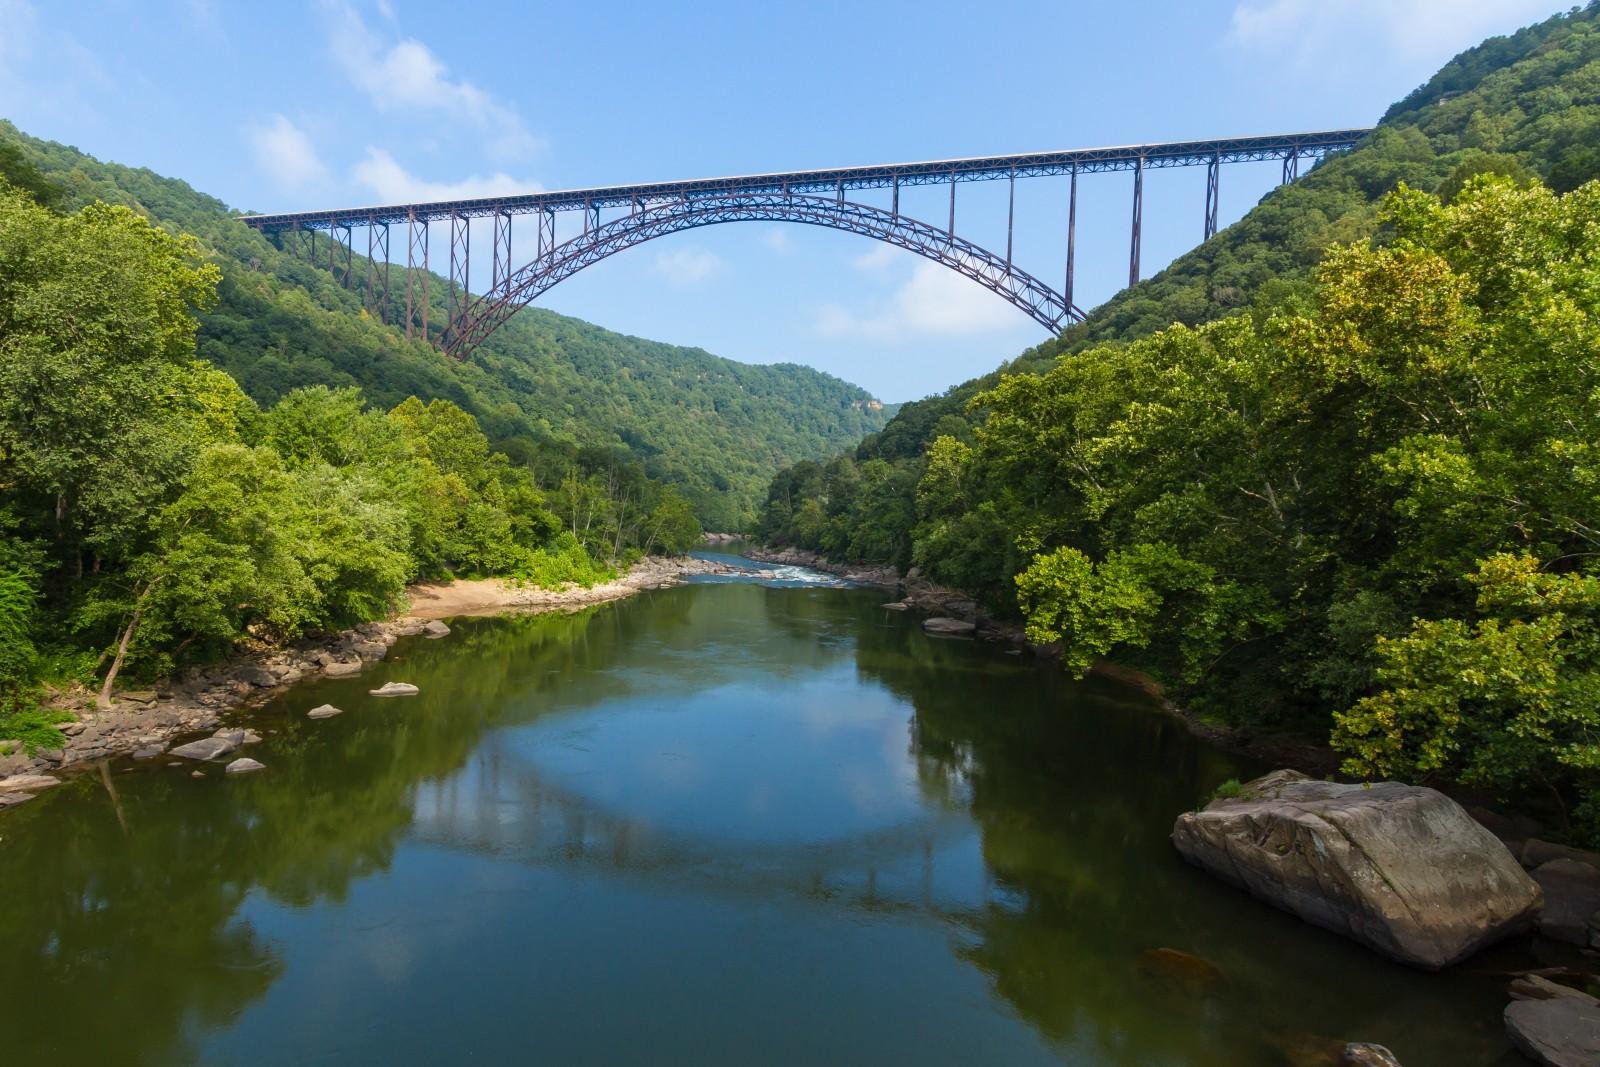 Die Nationalparks der USA sind legendär. Nun ist mit West Virginias New River Gorge noch ein weiterer Nationalpark hinzugekommen.